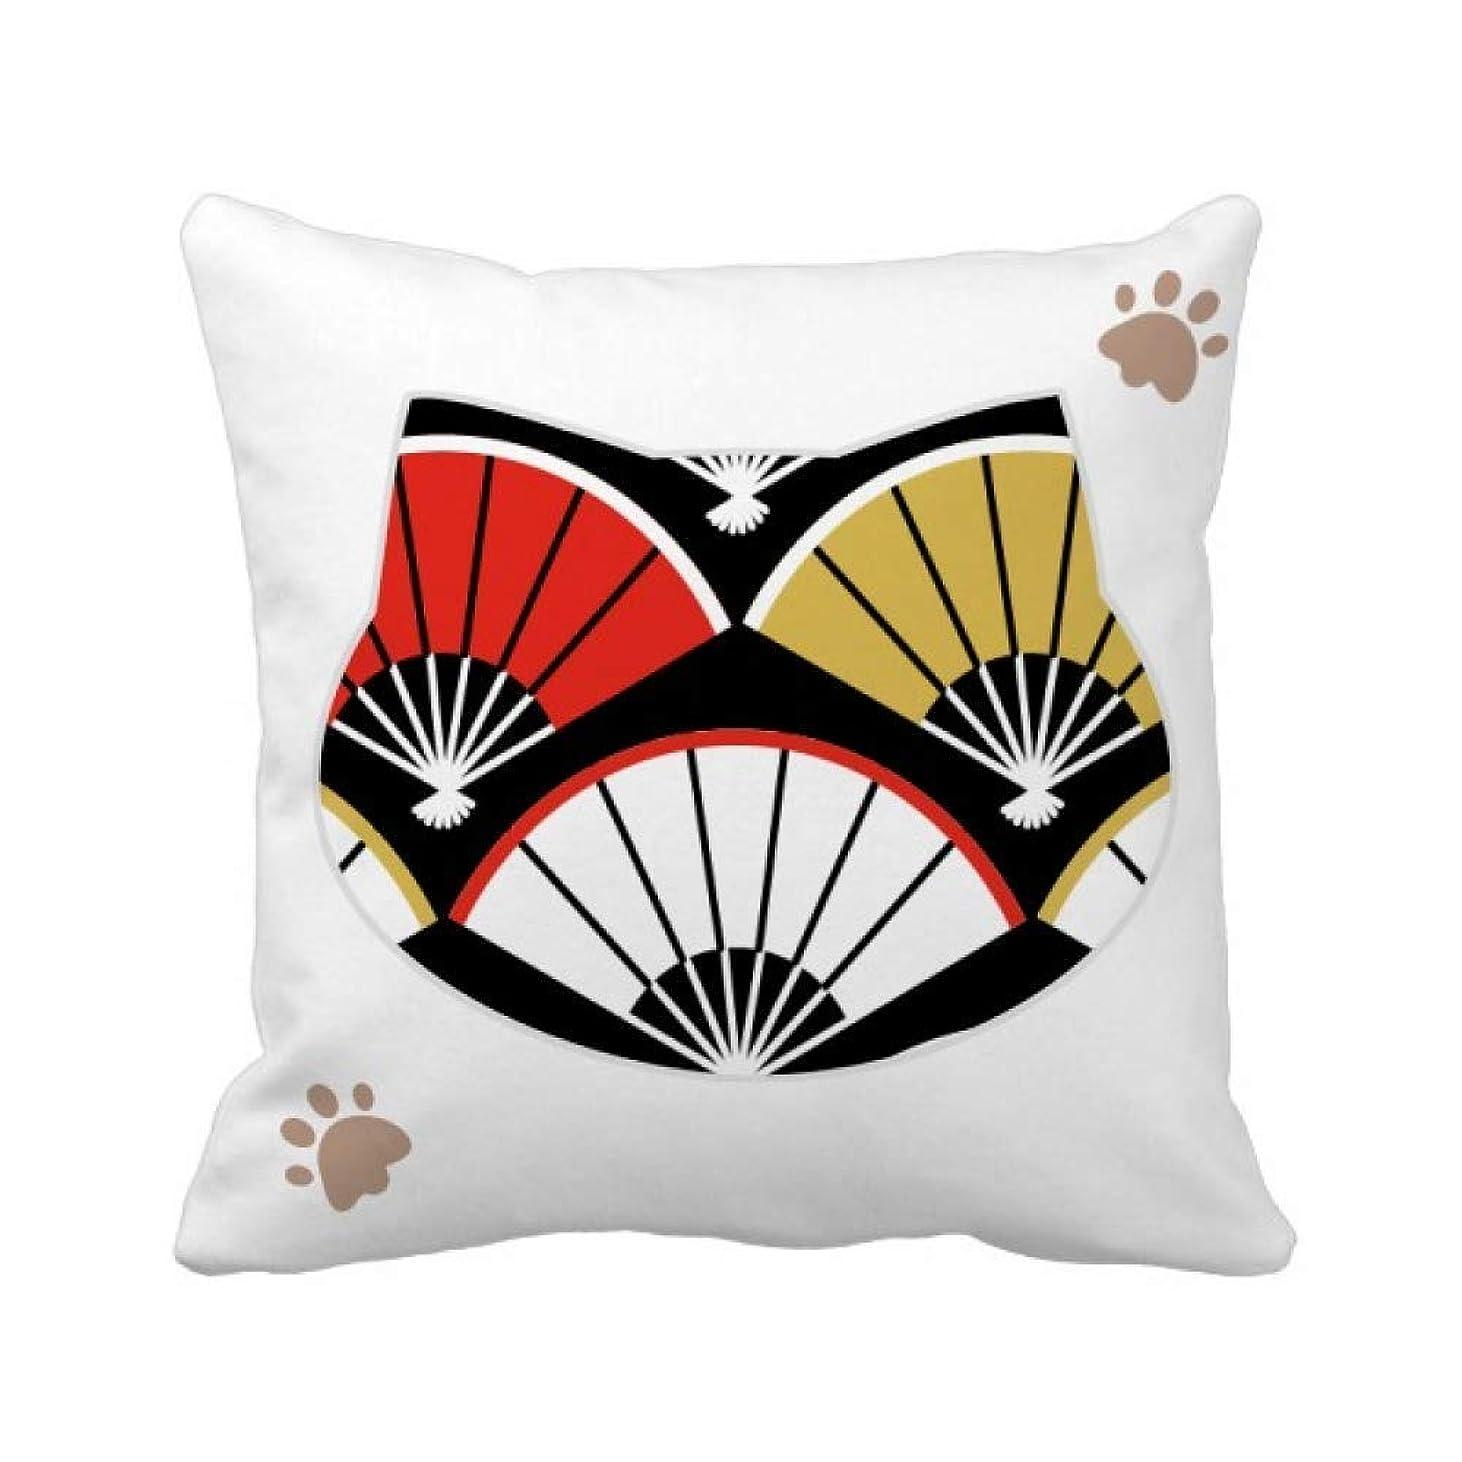 上昇映画三赤と黒の金色の扇子 枕カバーを放り投げる猫広場 50cm x 50cm